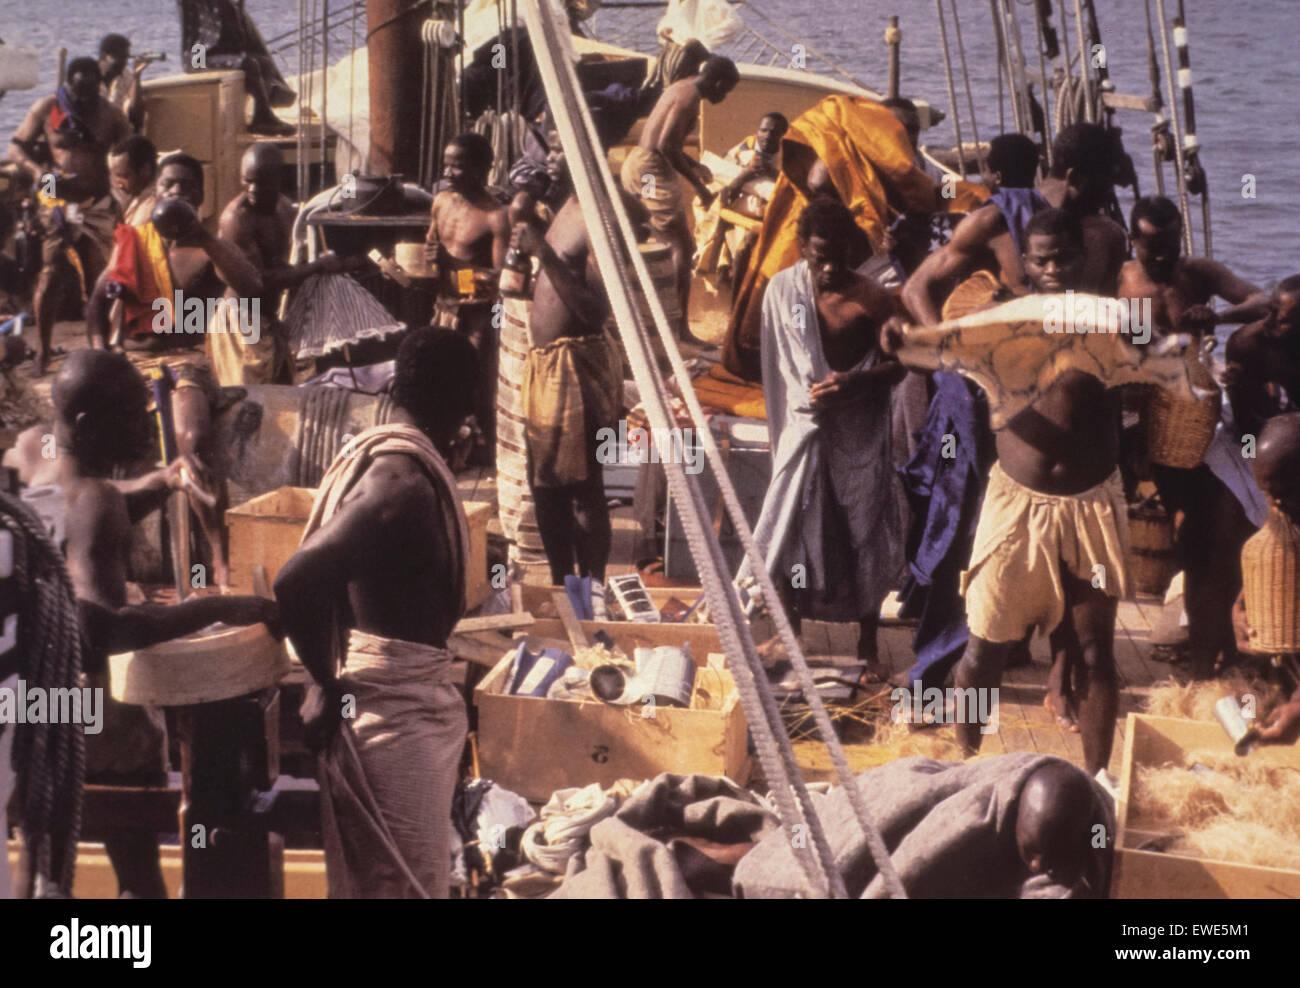 Amistad, 1997 Imagen De Stock